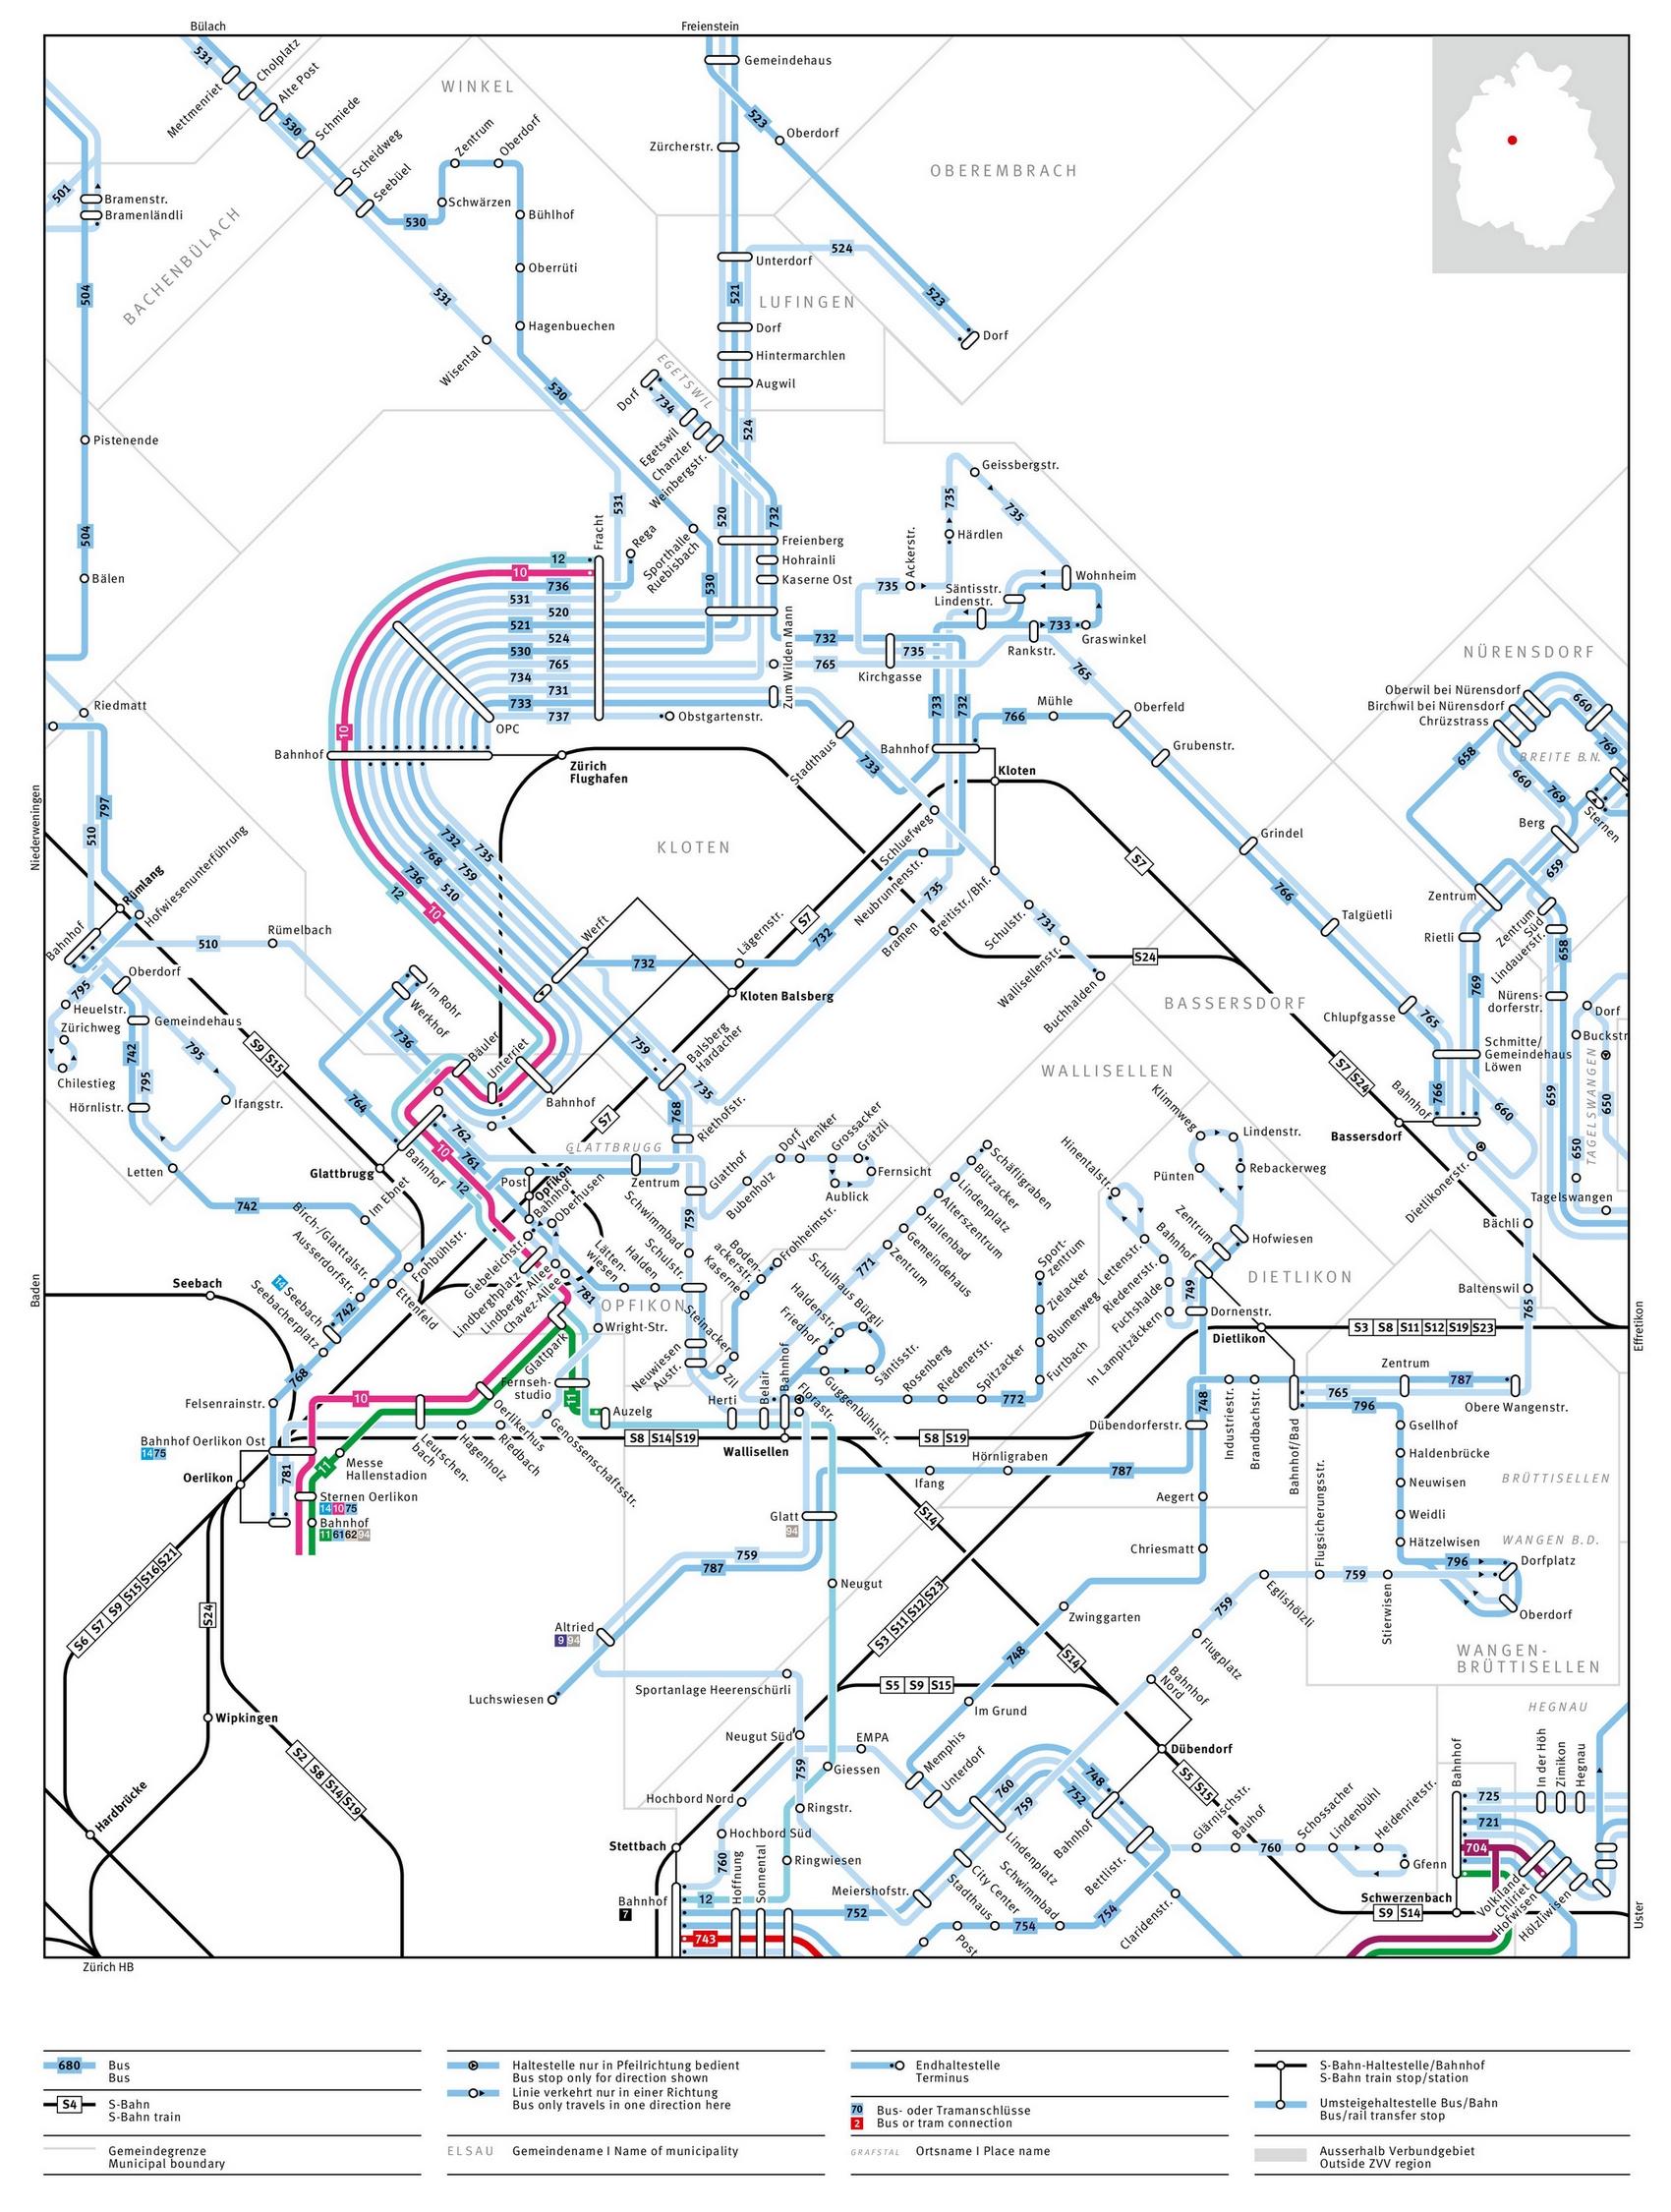 Общественный транспорт аэропорта Цюриха